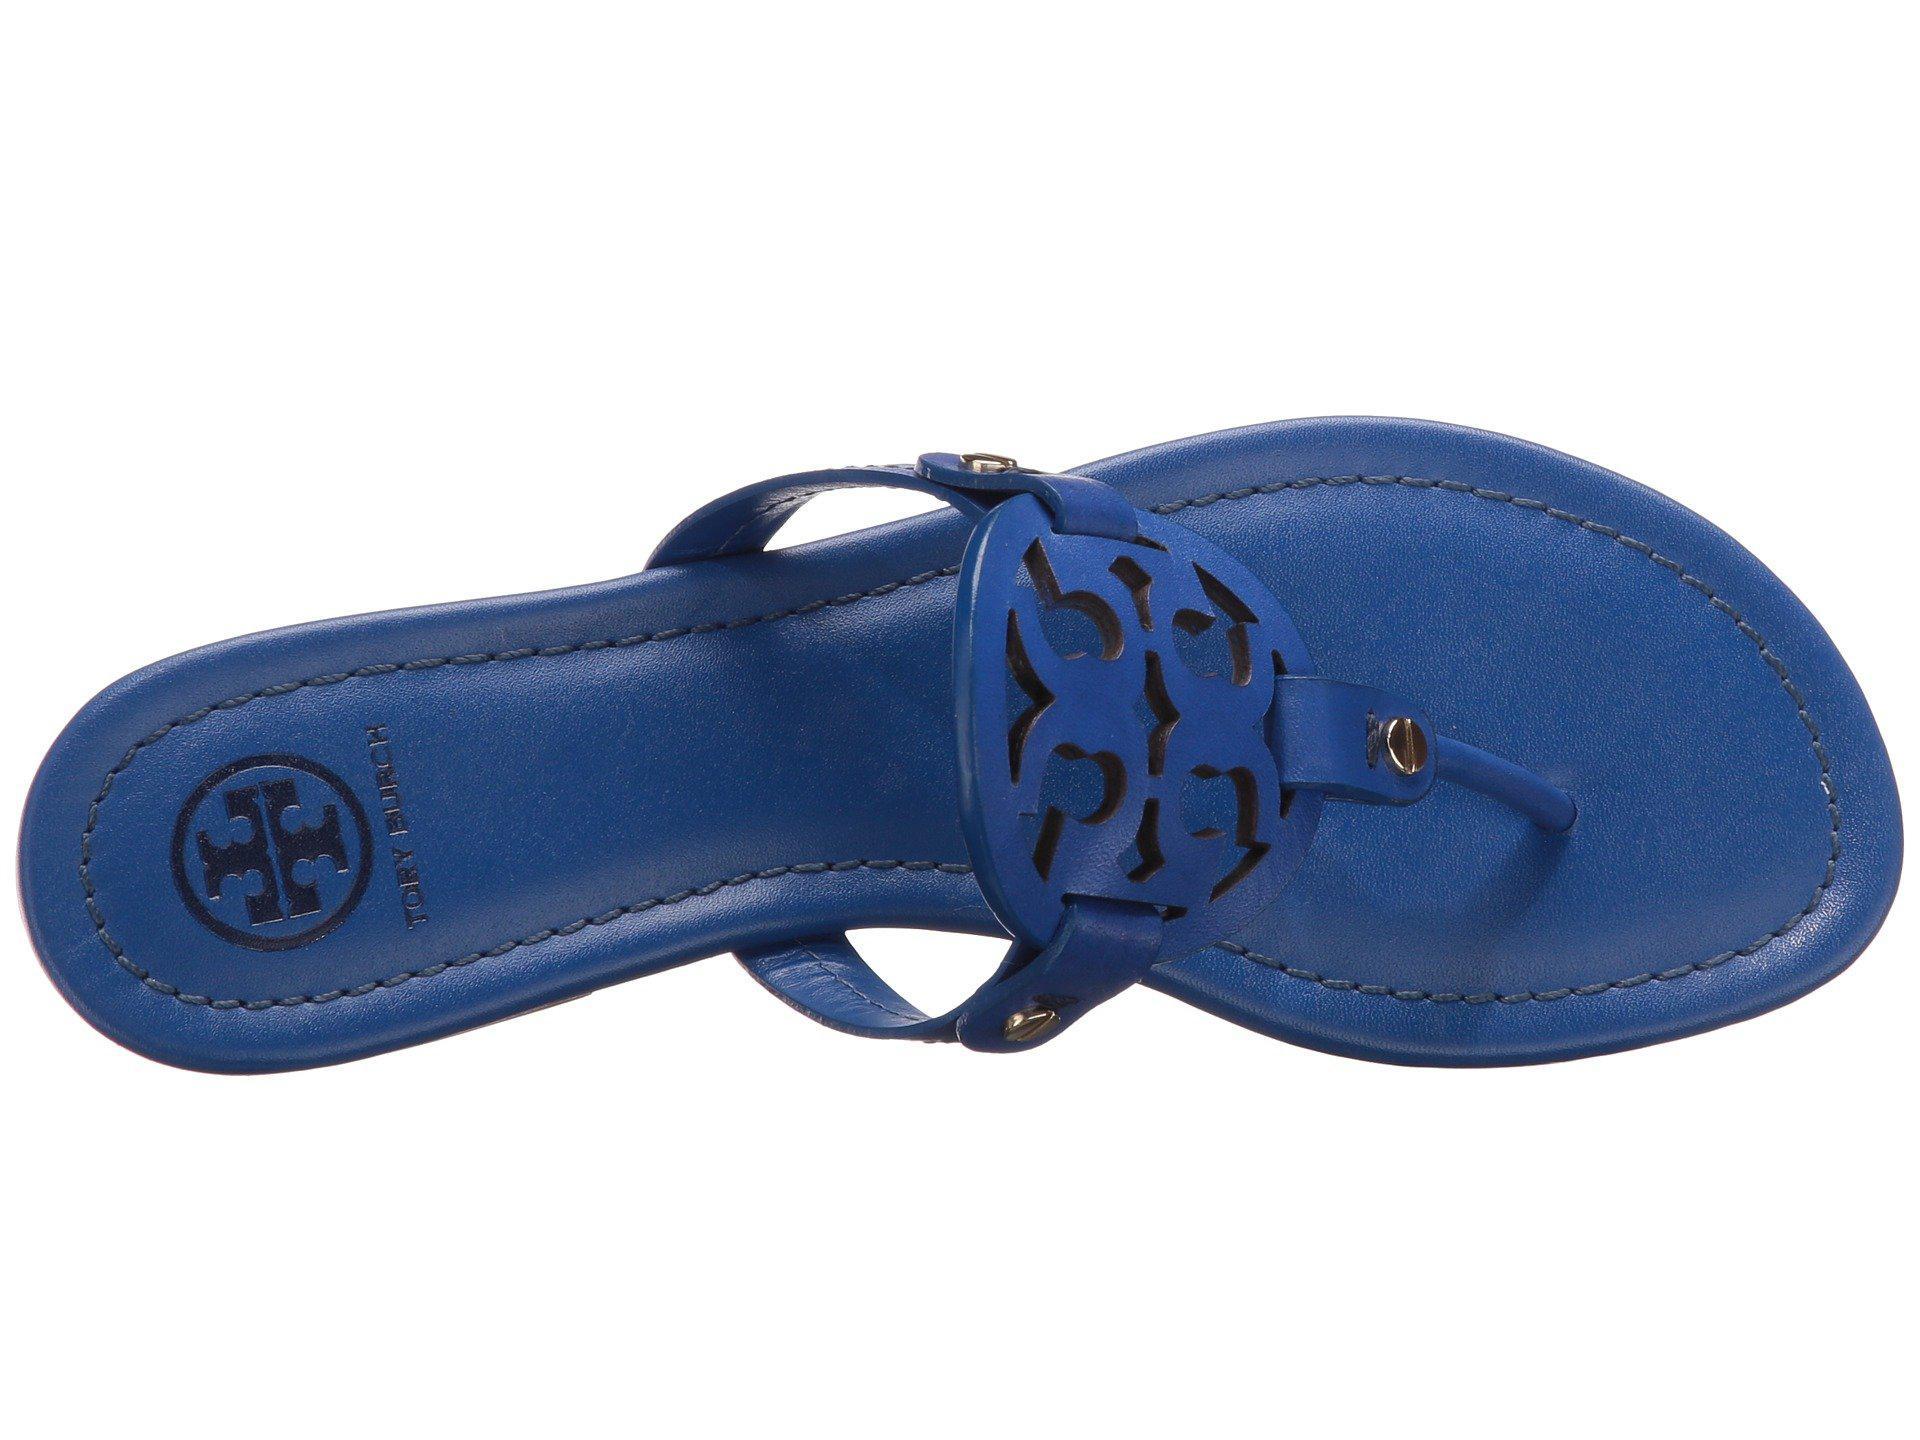 a777ffcb0c716b Lyst - Tory Burch Miller in Blue